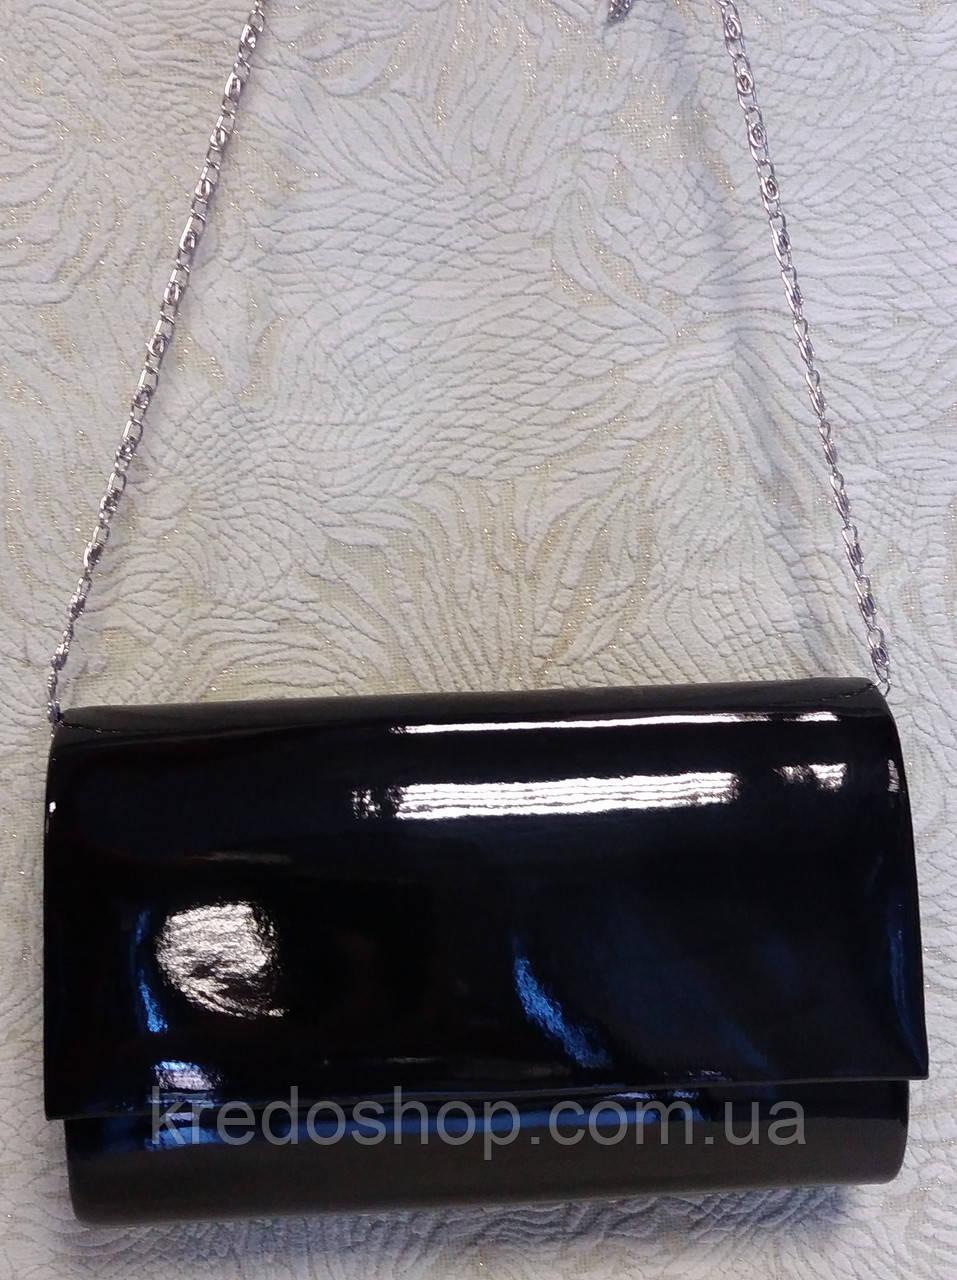 ce8509f87af8 Клатч женский вечерний черного цвета,лаковый.(Турция) - Интернет-магазин  сумок